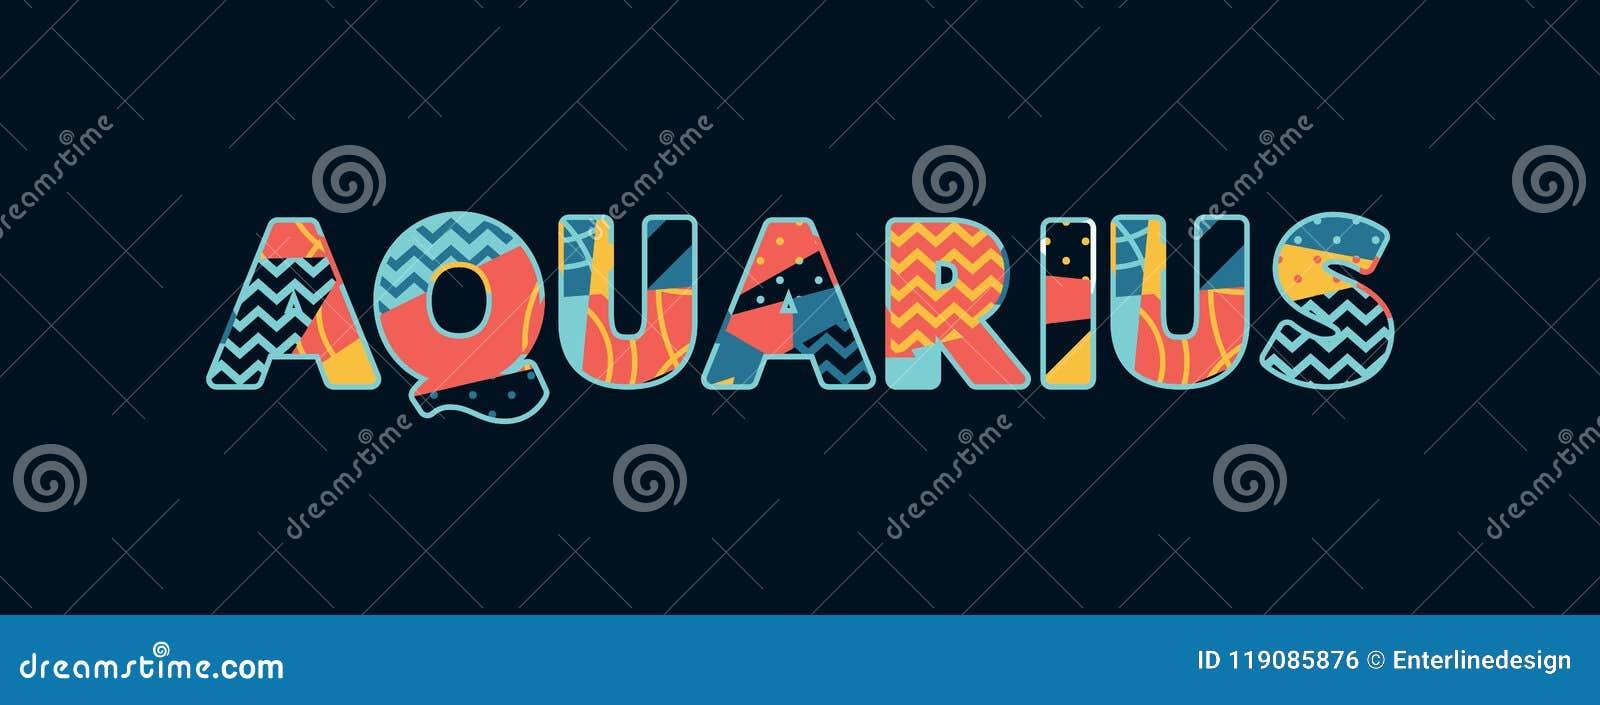 Palabra Art Illustration del concepto del acuario